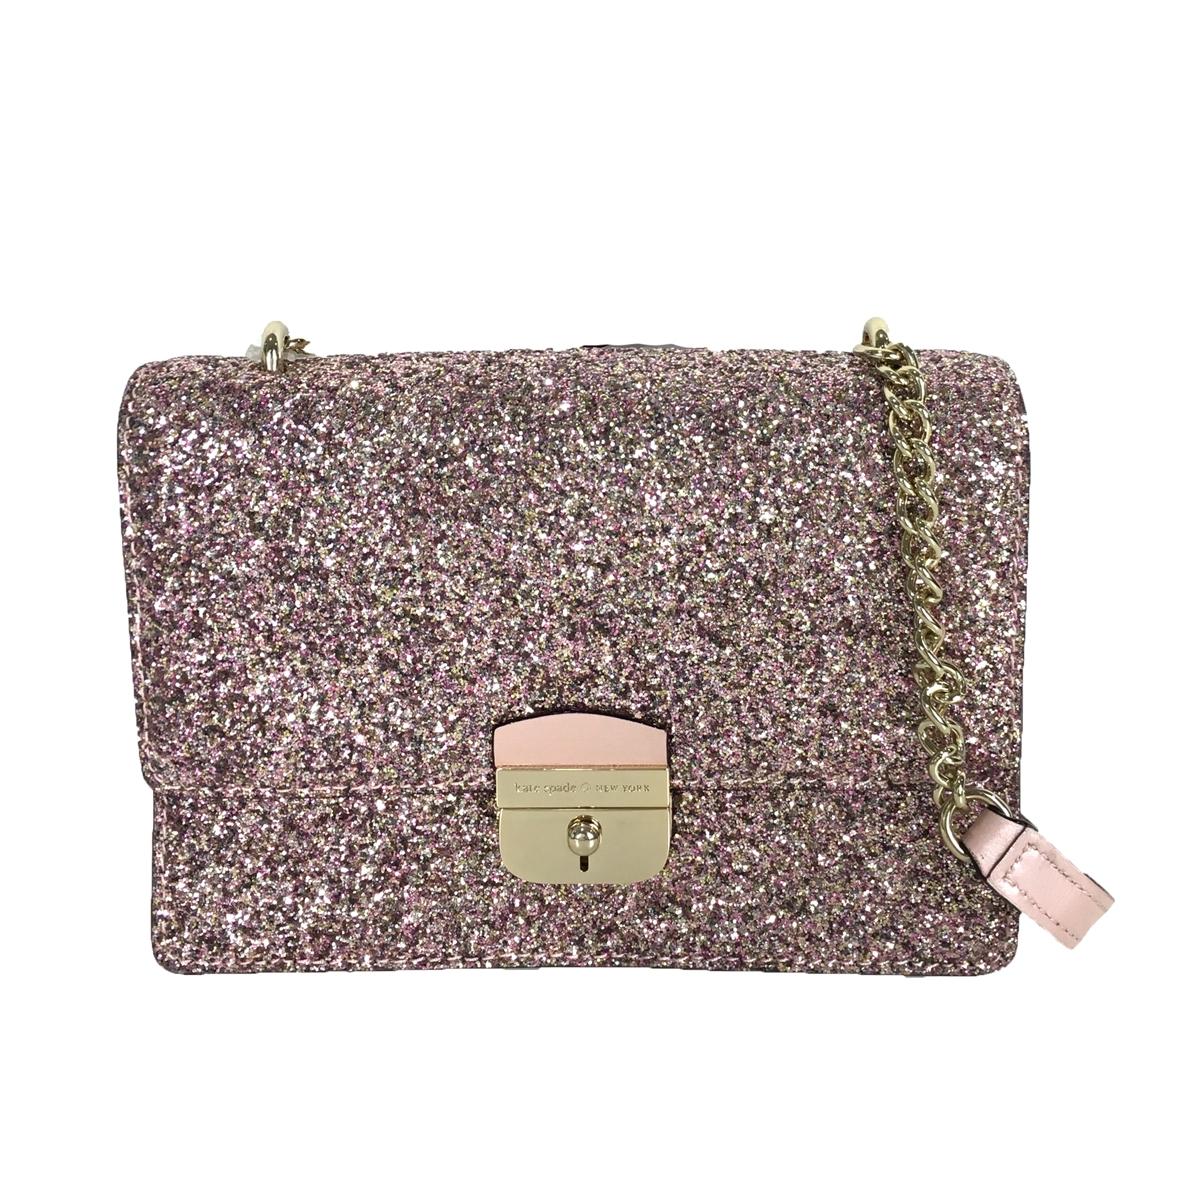 Kate Spade Sunset Lane Glitter Eden Crossbody Bag b1e125b25cc48